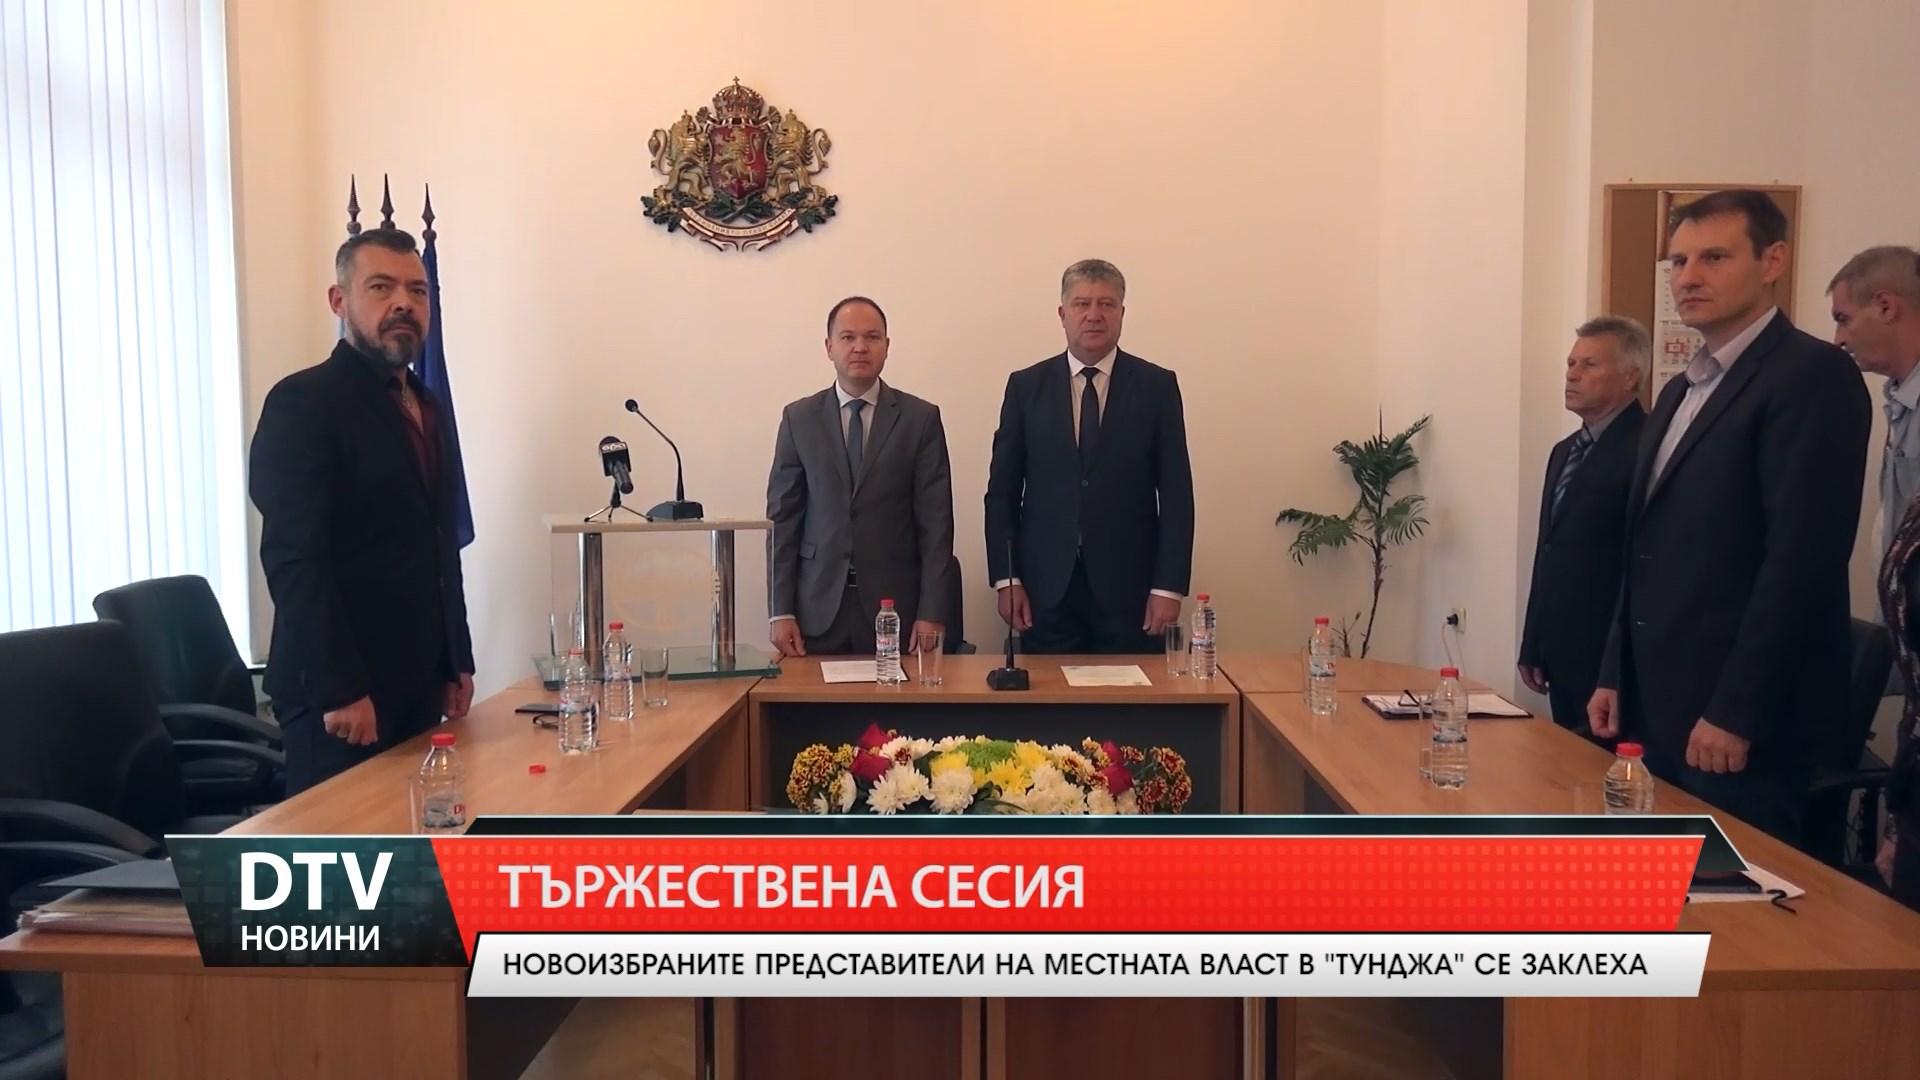 Георги Георгиев  се закле за пети мандат като кмет.Кметове  и съветници в община Тунджа встъпиха в длъжност! Нели Славова е председател на общинския съвет